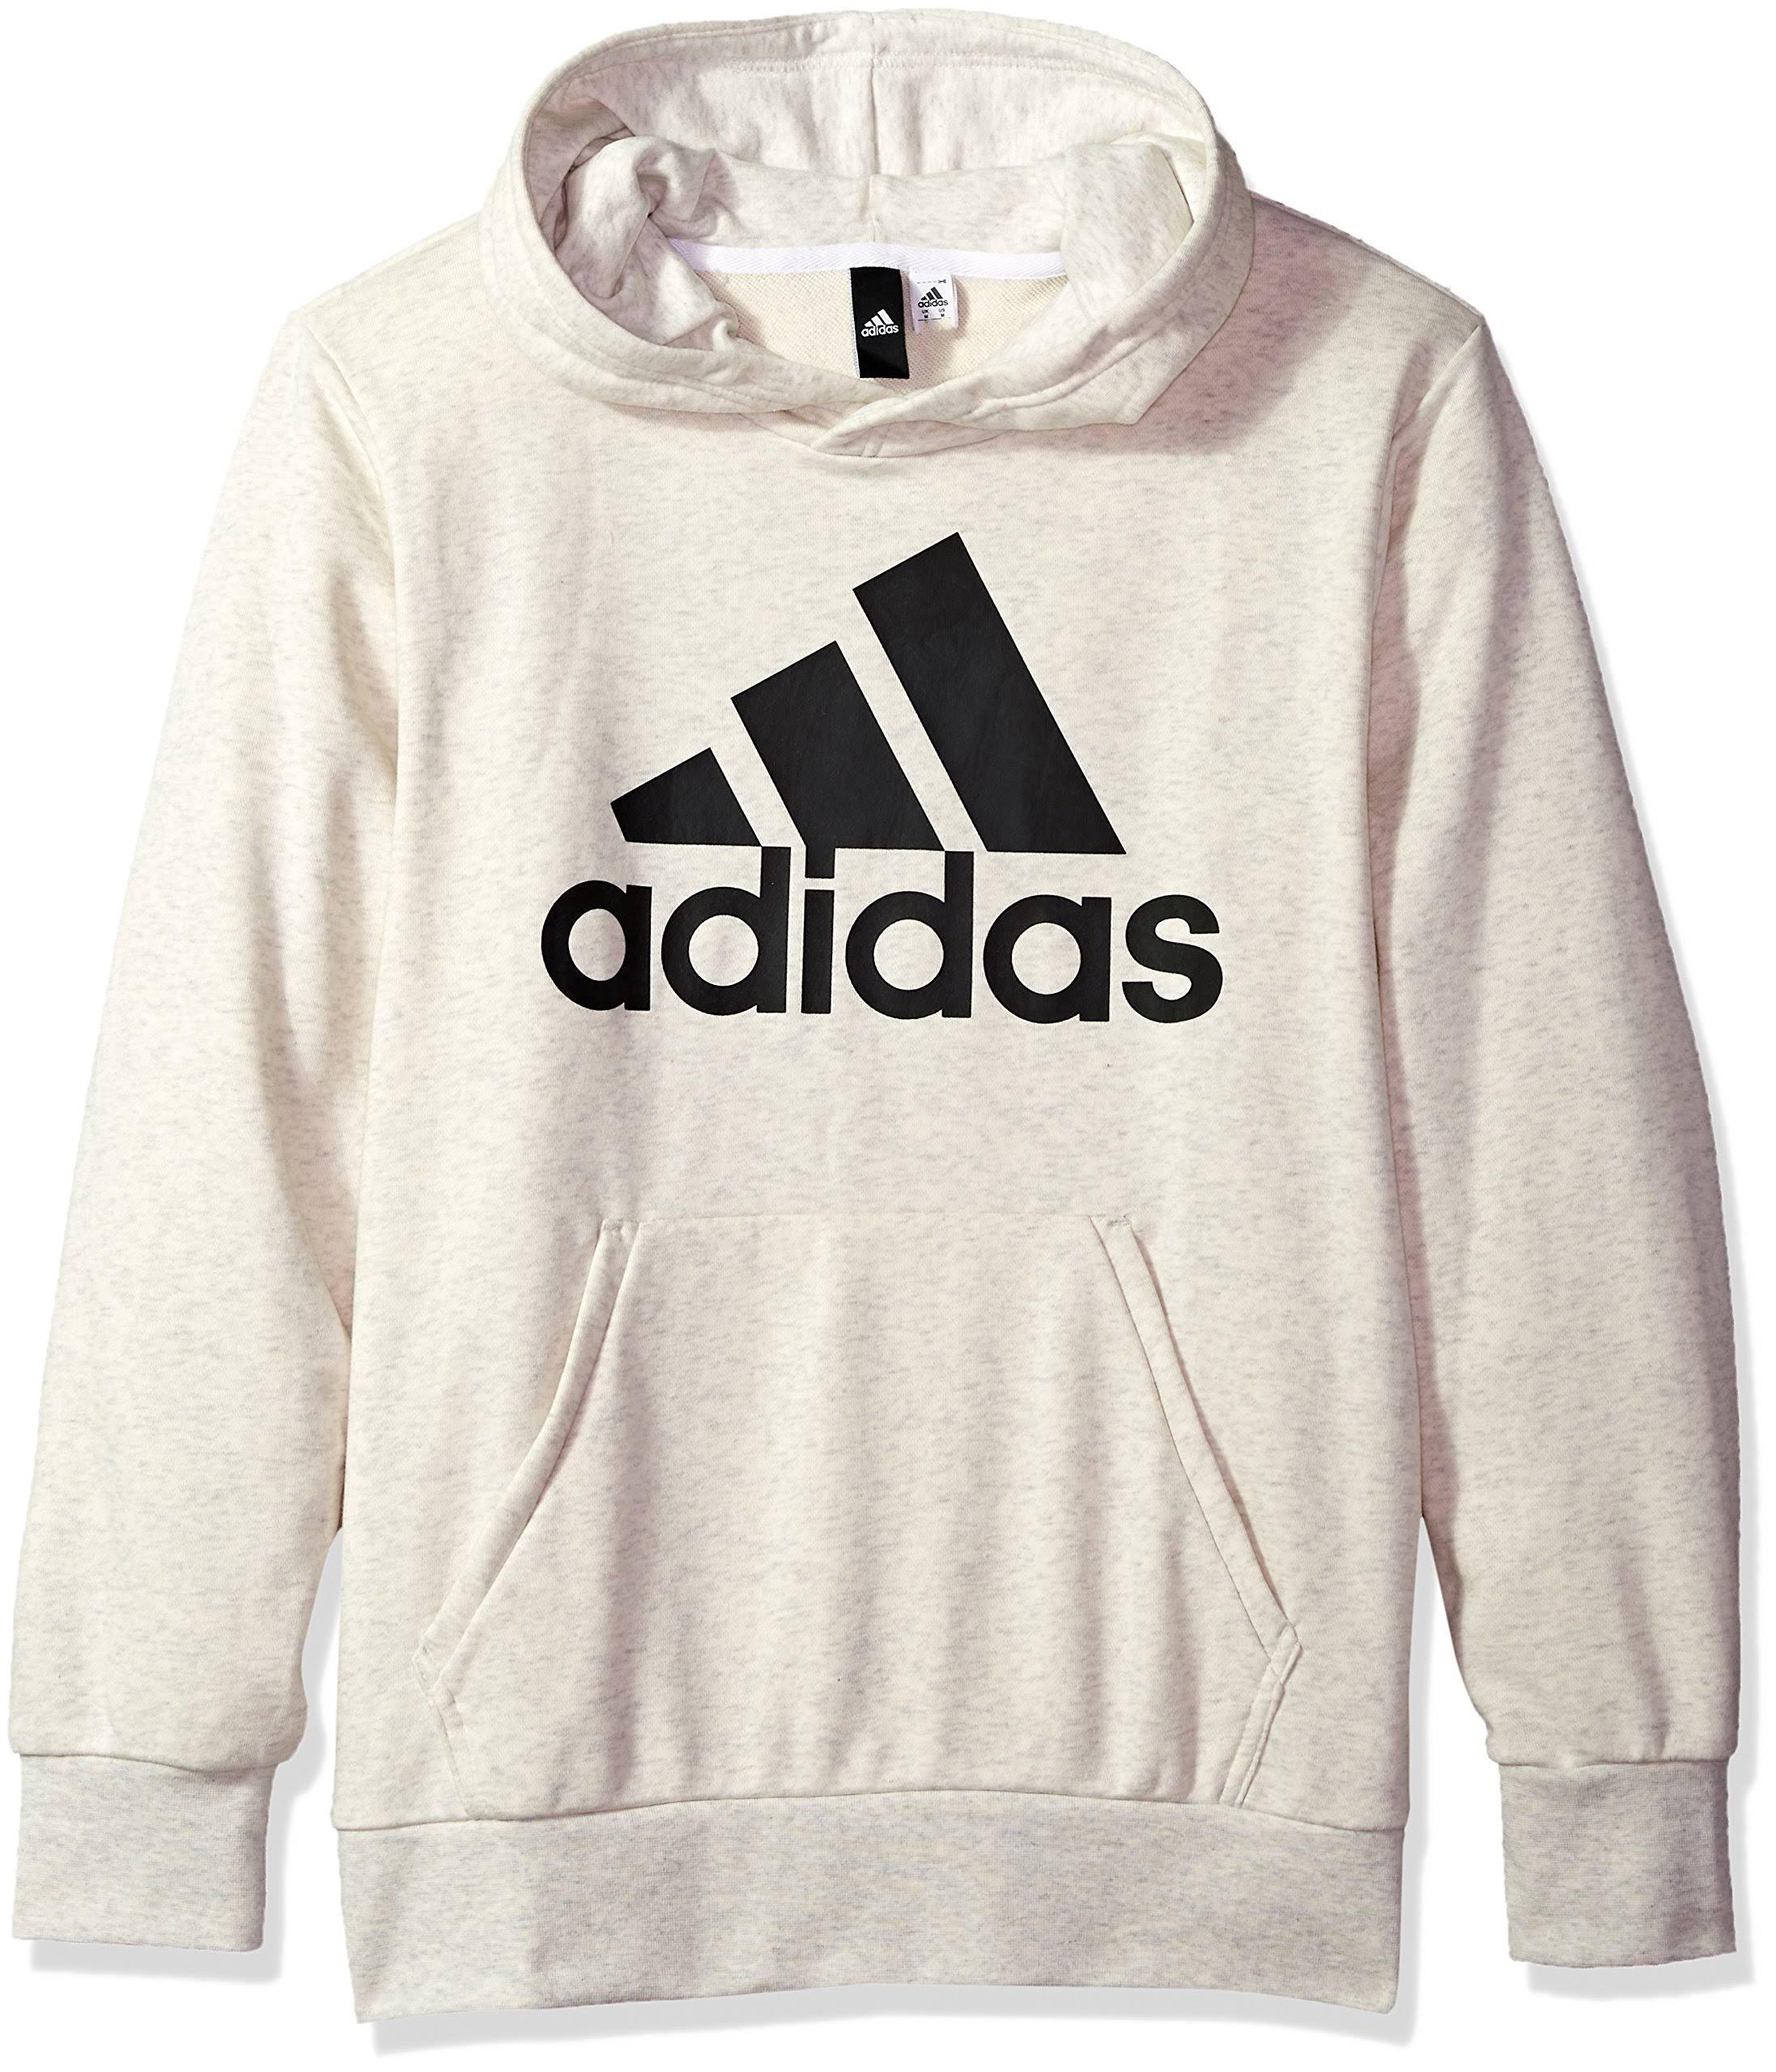 Essentials con Xl Linear Felpa bianco cappuccio Pullover adidas uomo eE2DIH9WY